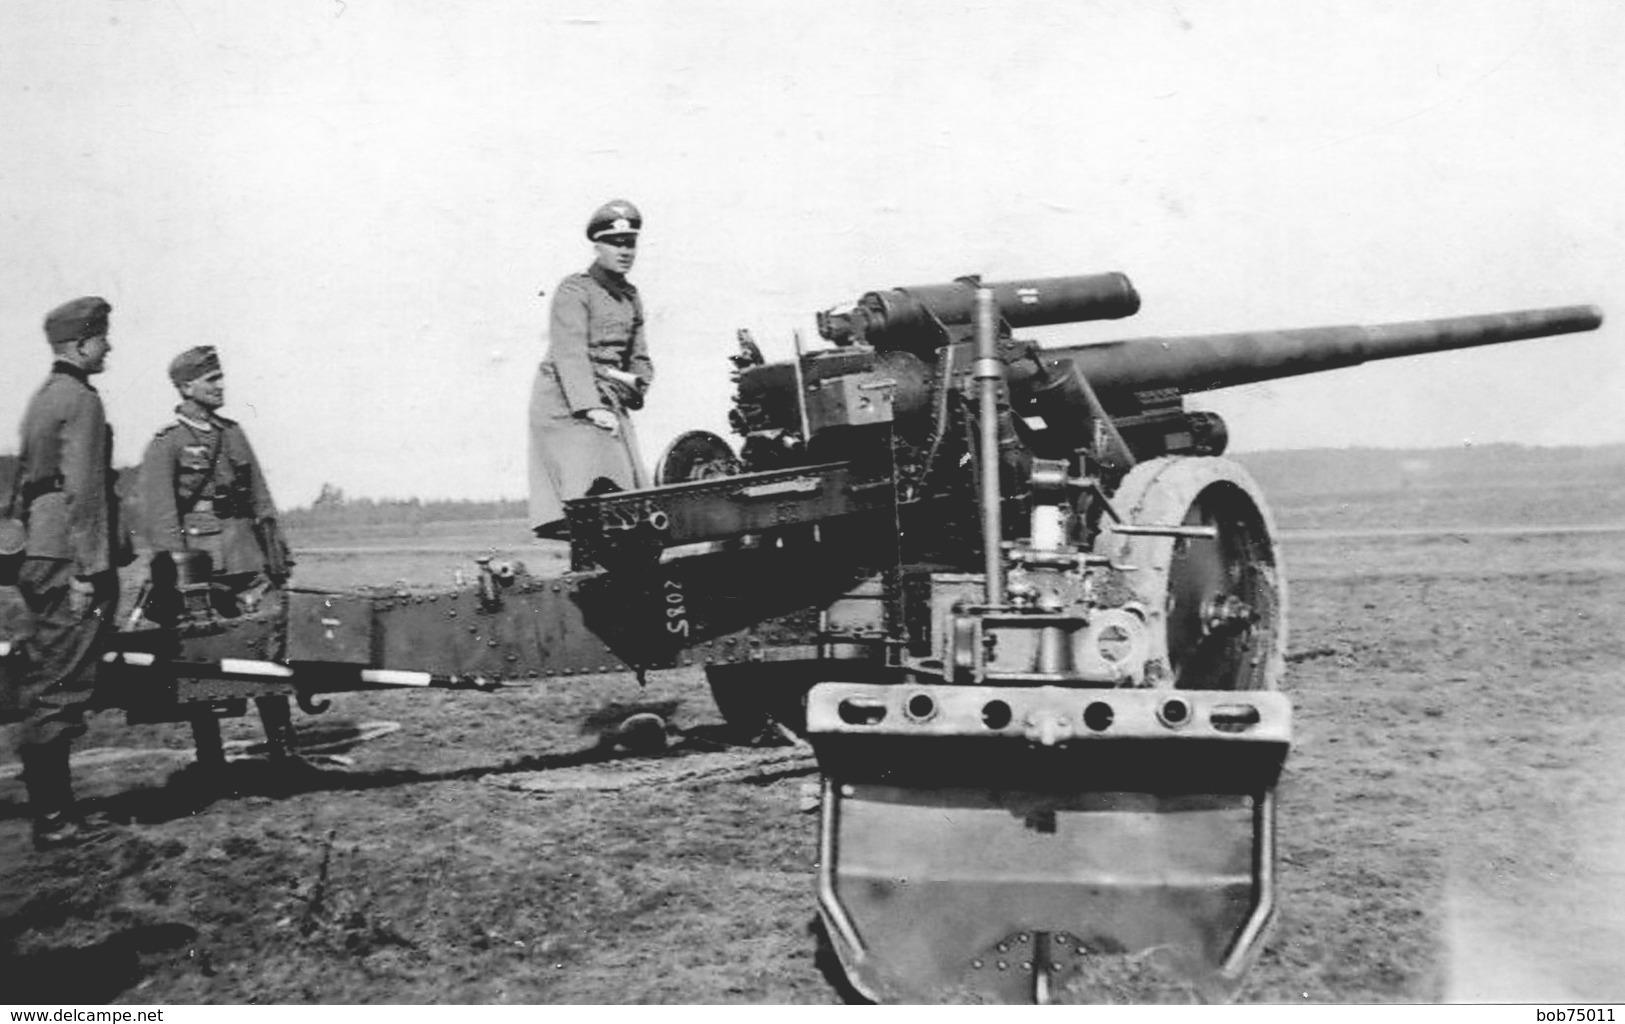 Retirage Avec Agrandissement D'une Photo D'un Officier Allemand Avec Deux Soldat A Coté D'un Canon En 39-45 - Guerre, Militaire